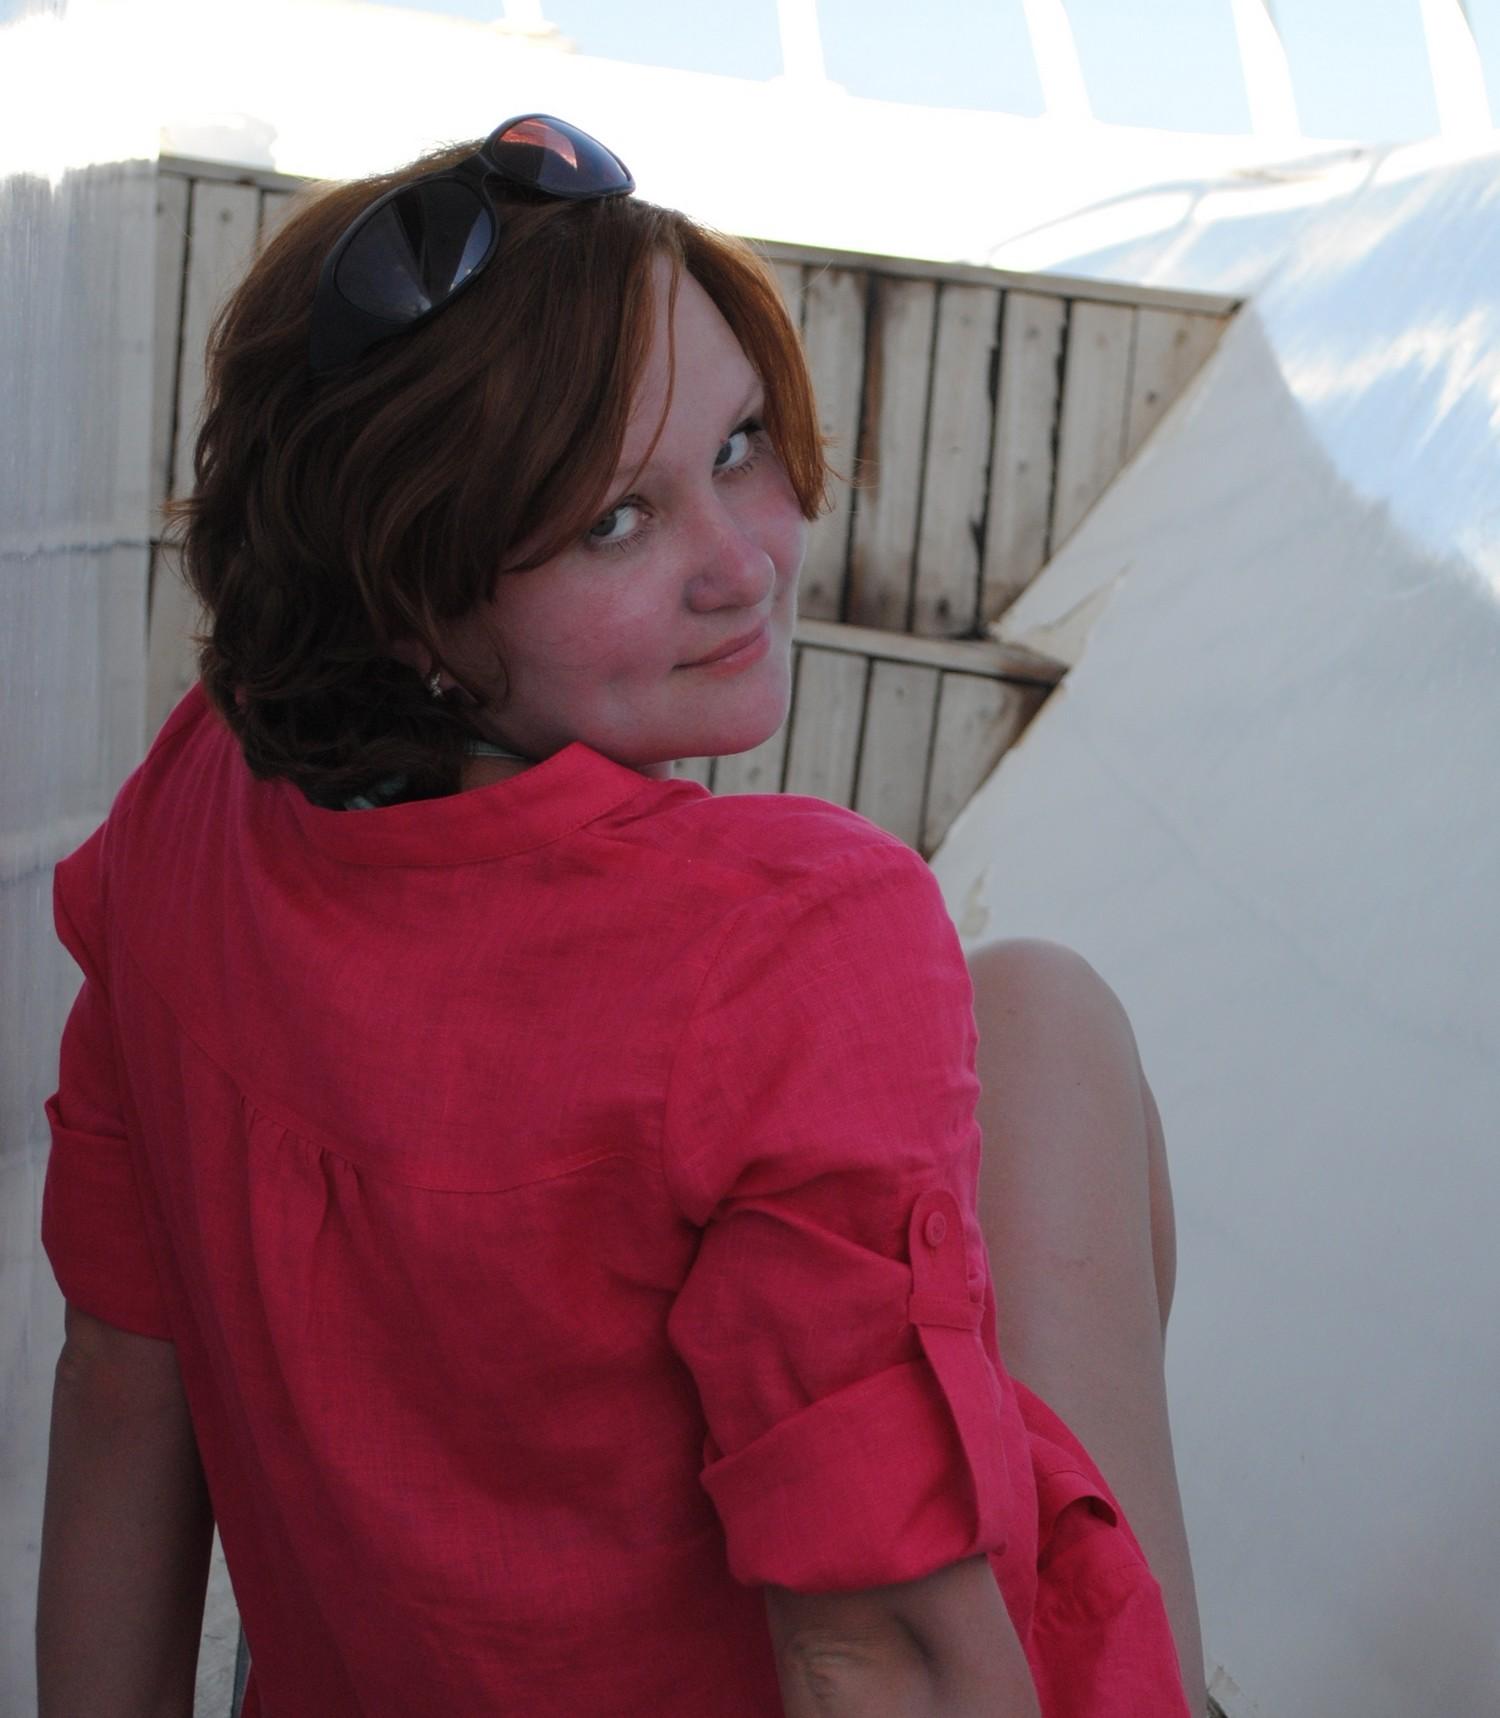 Таню осташ с новозаводской трахал фото днепропетровск 14 фотография